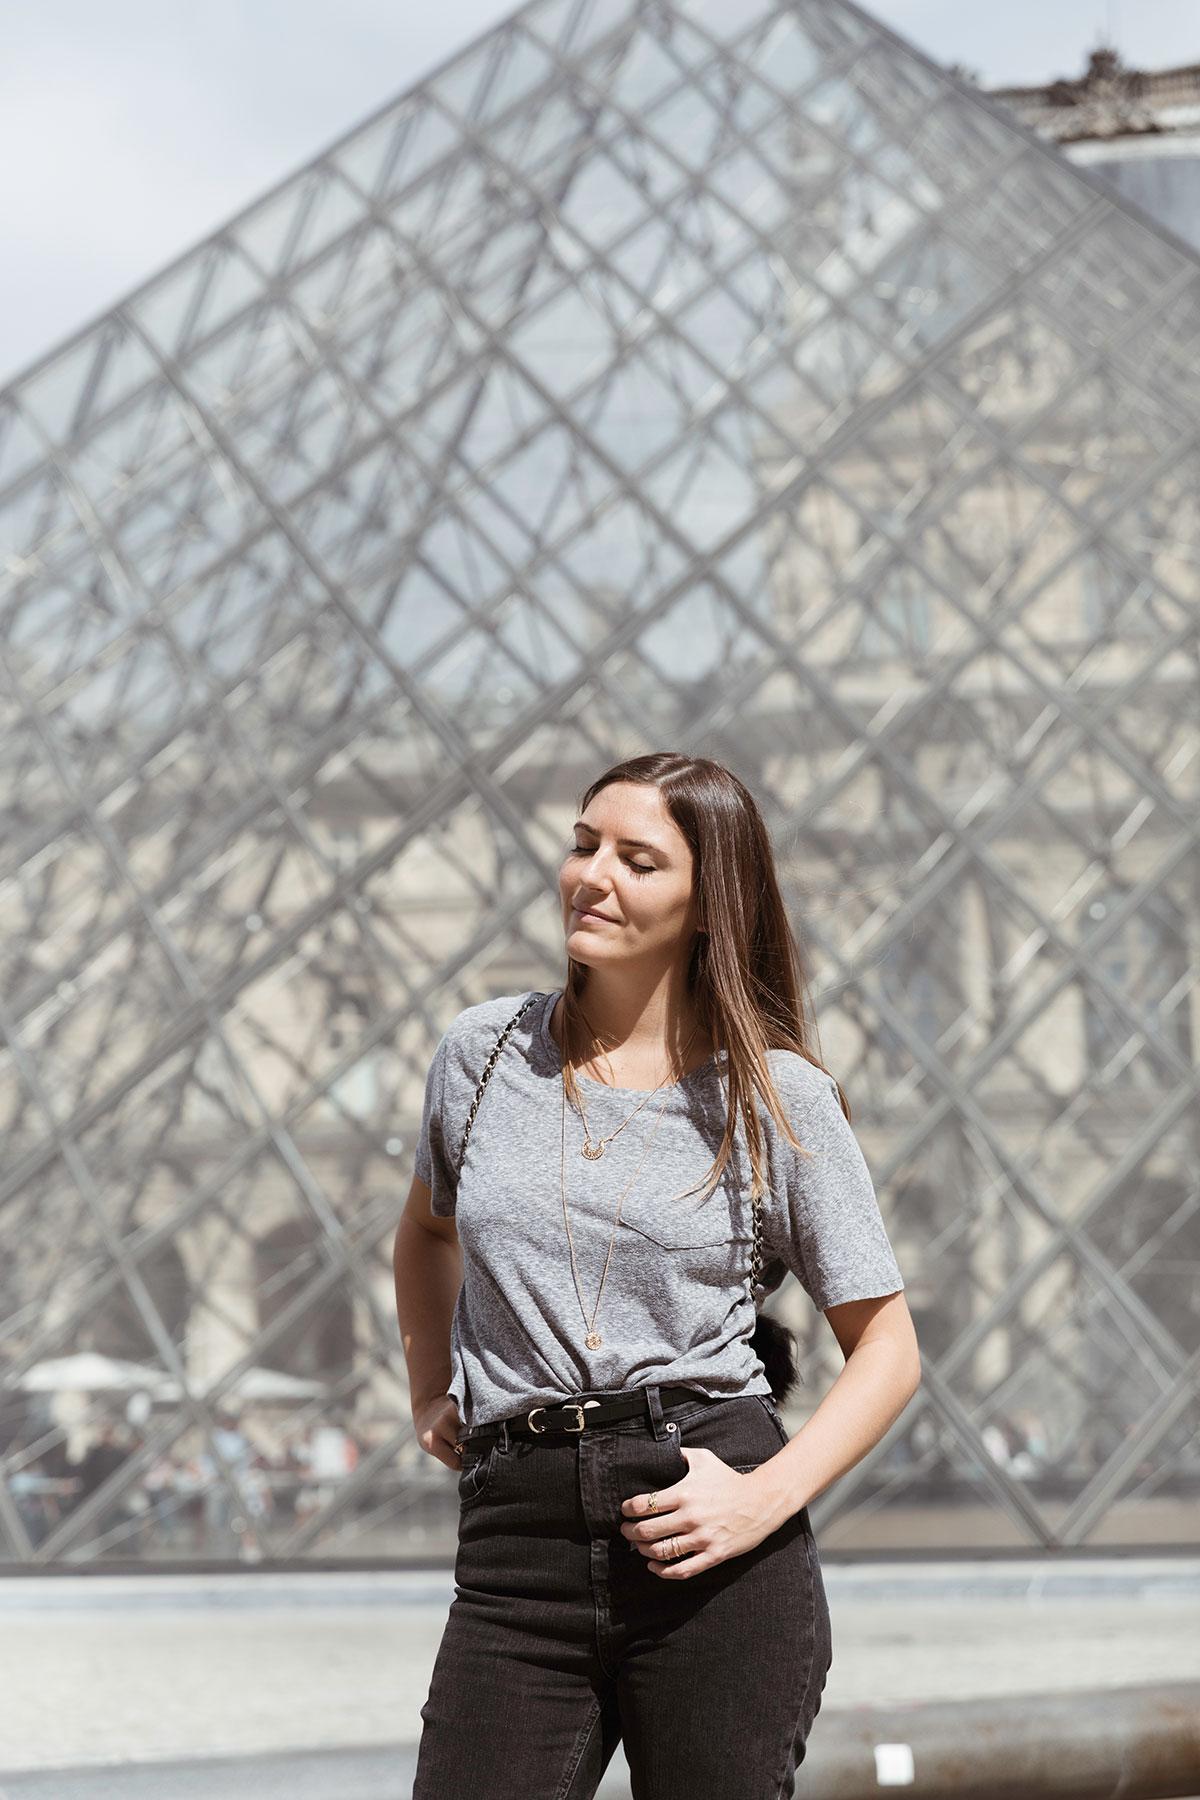 pyramide-du-louvre-paris-blog-life-style